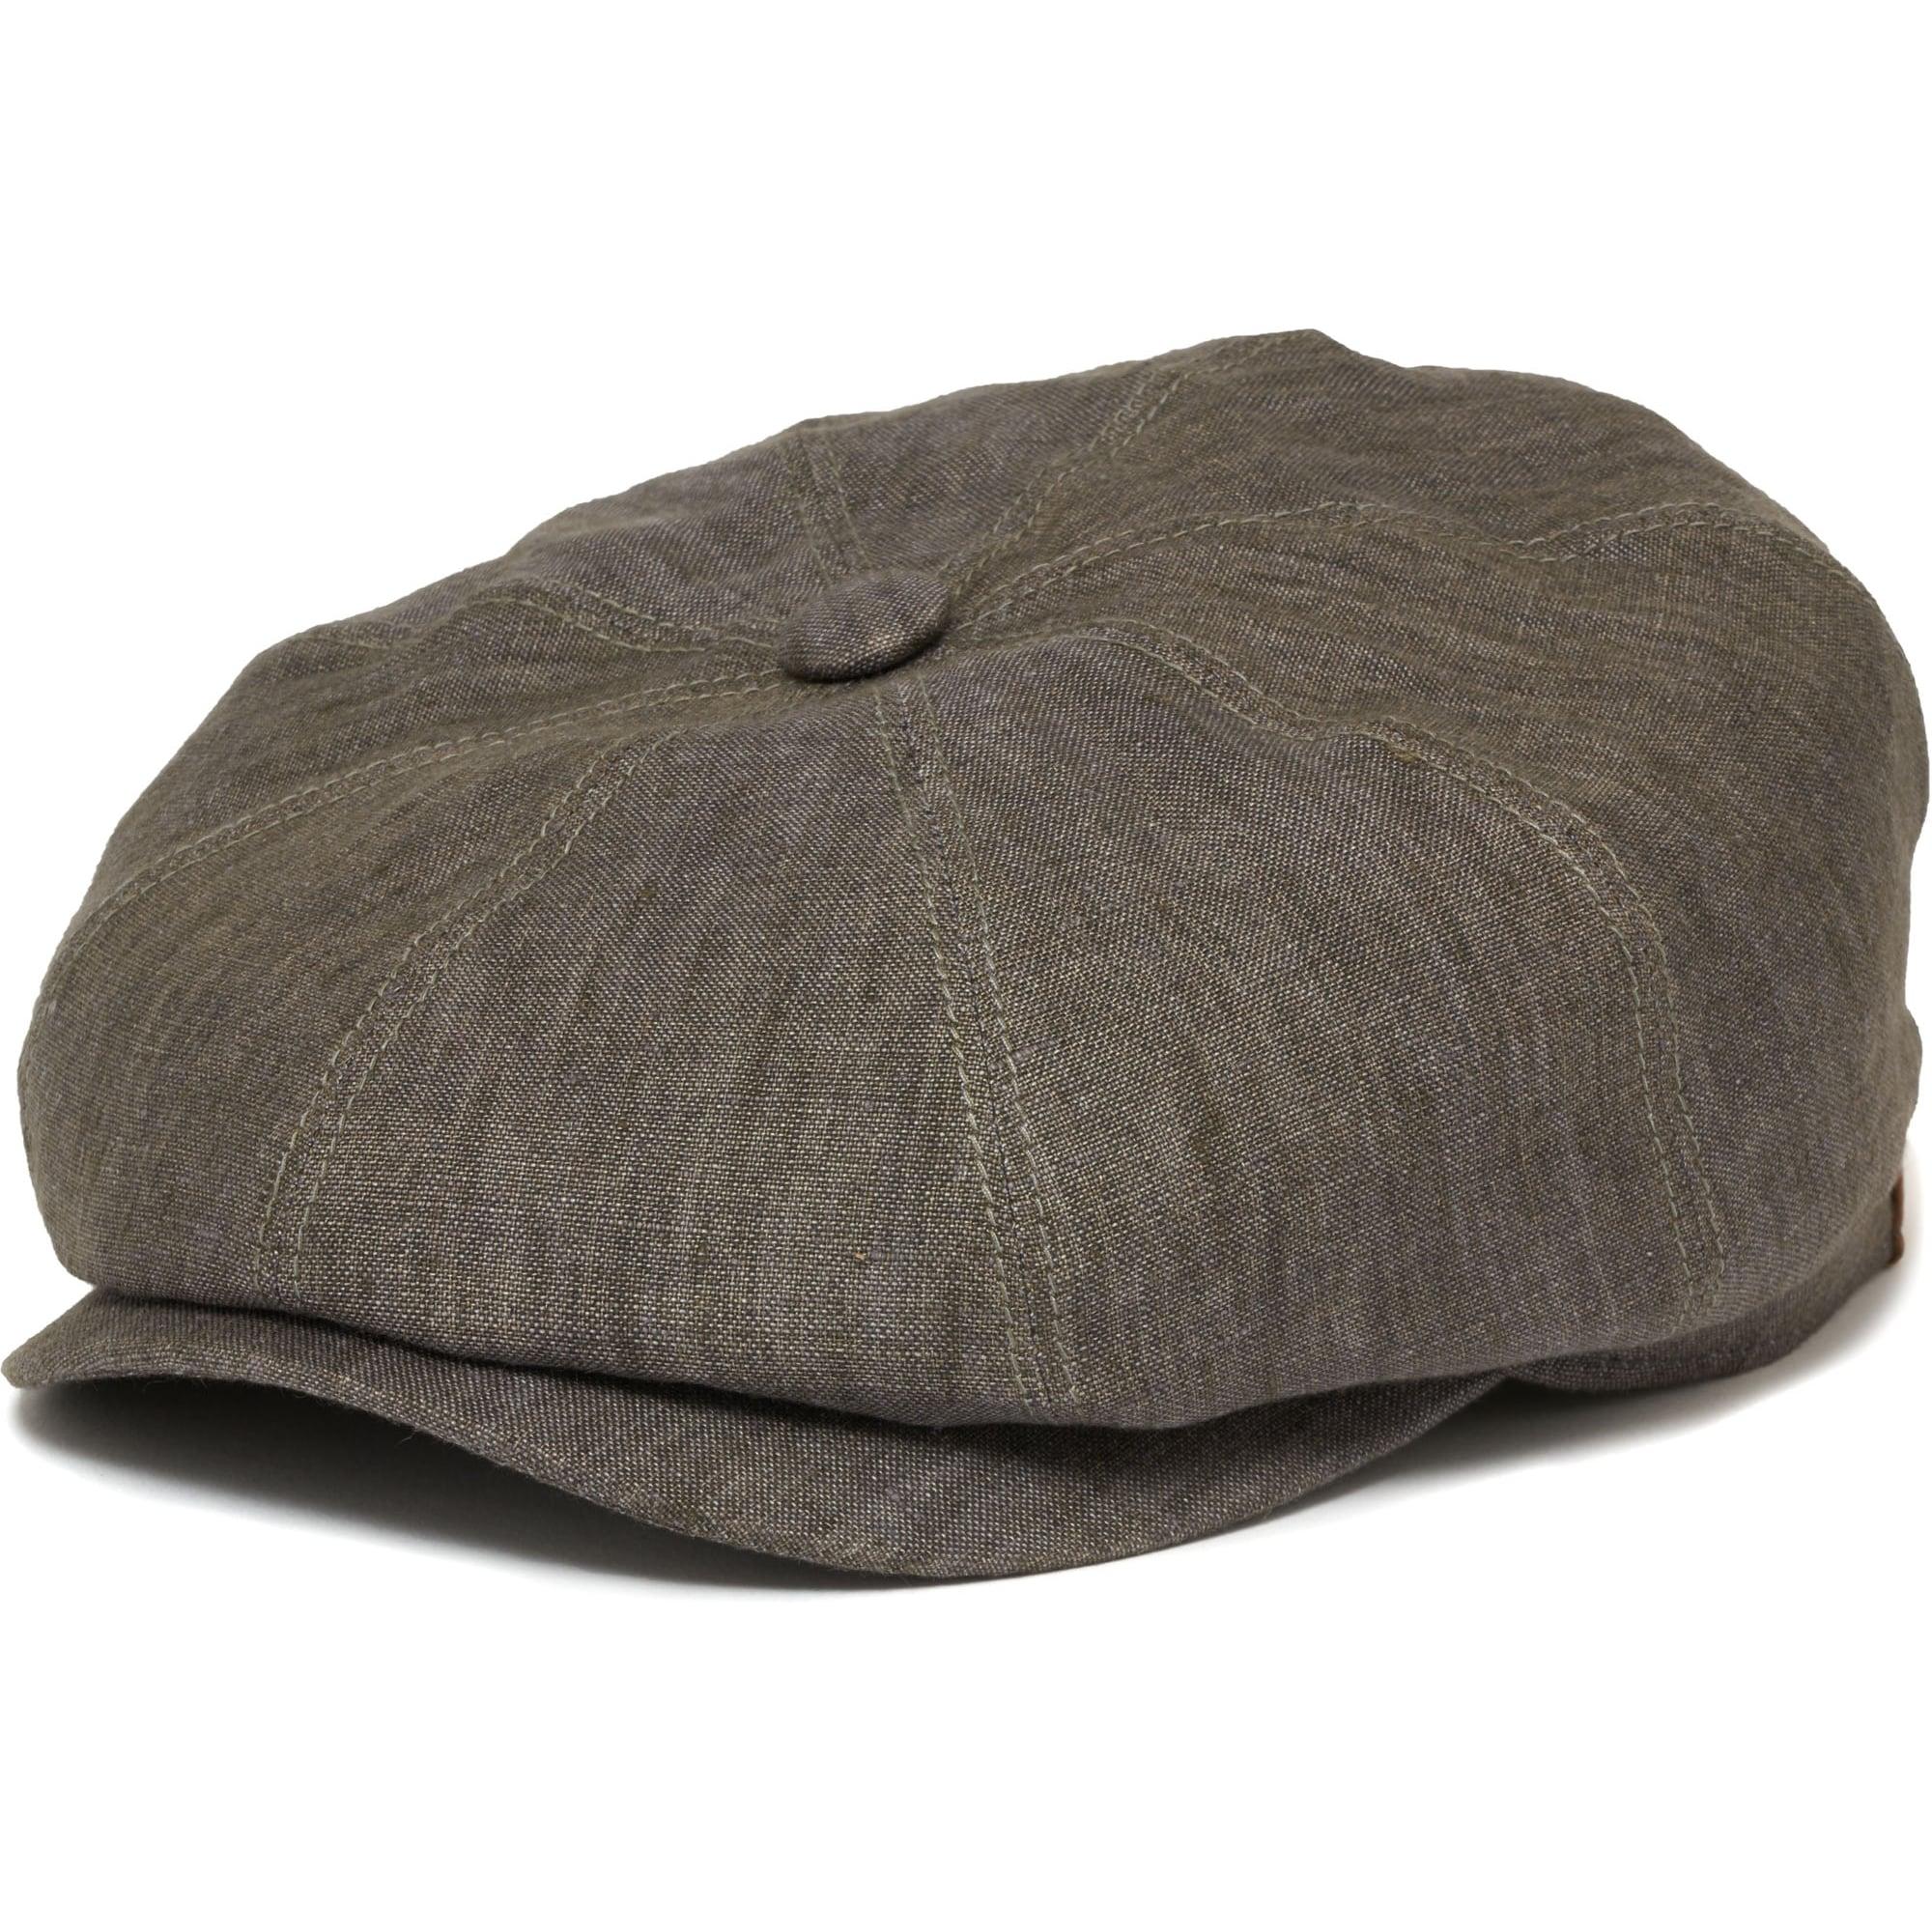 Stetson Grey Hatteras Linen Newsboy Cap  439614fff4f